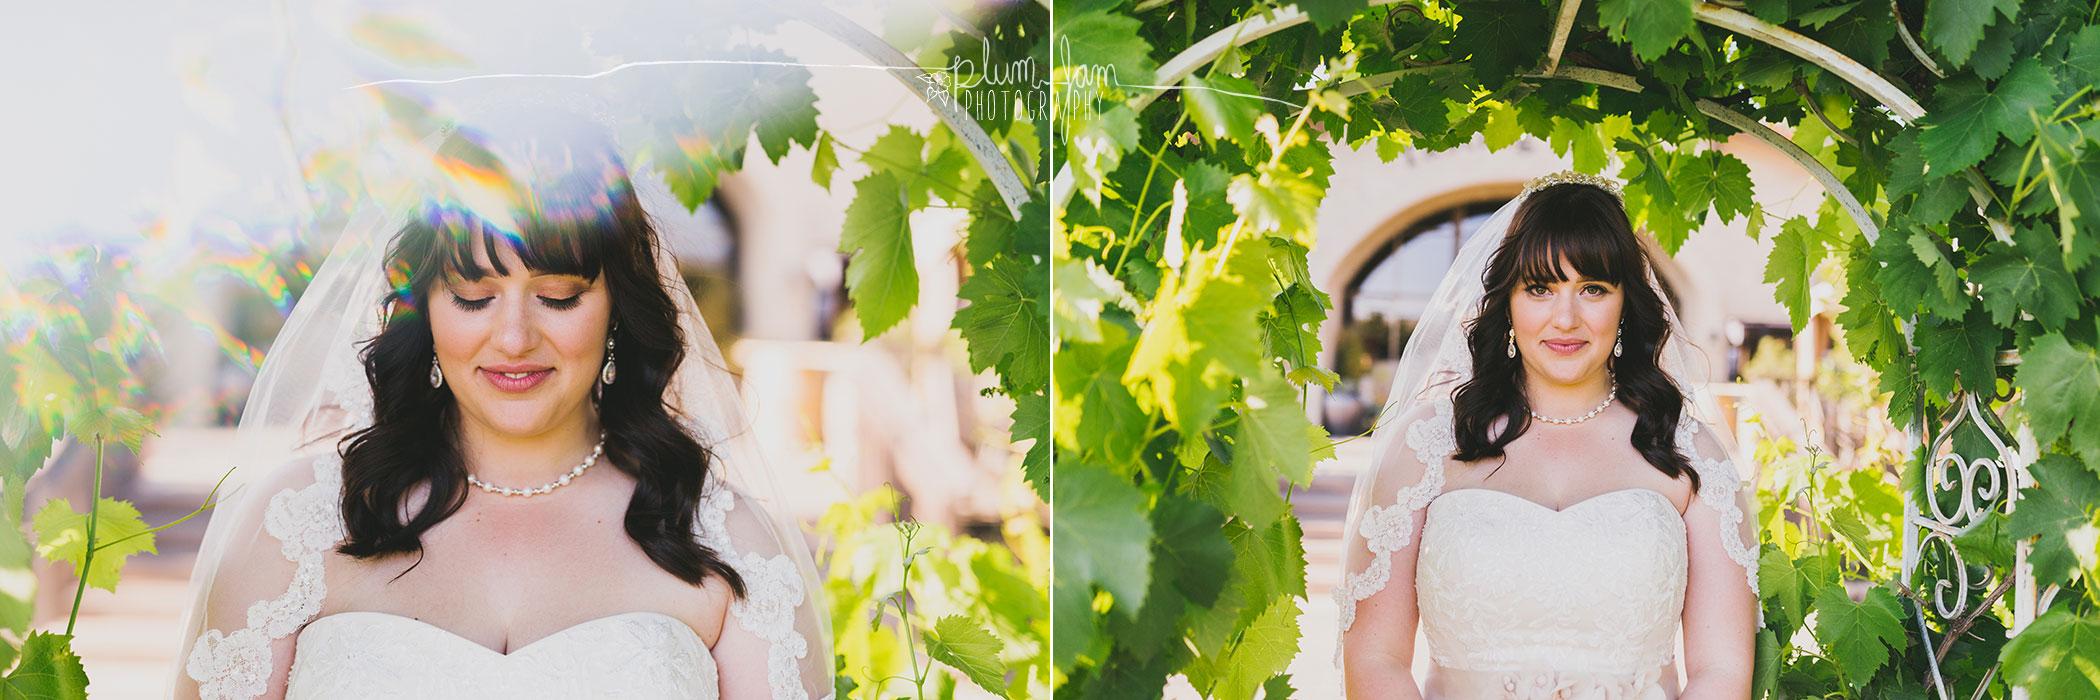 ElizabethCameronWedding-18-PlumJamPhotography